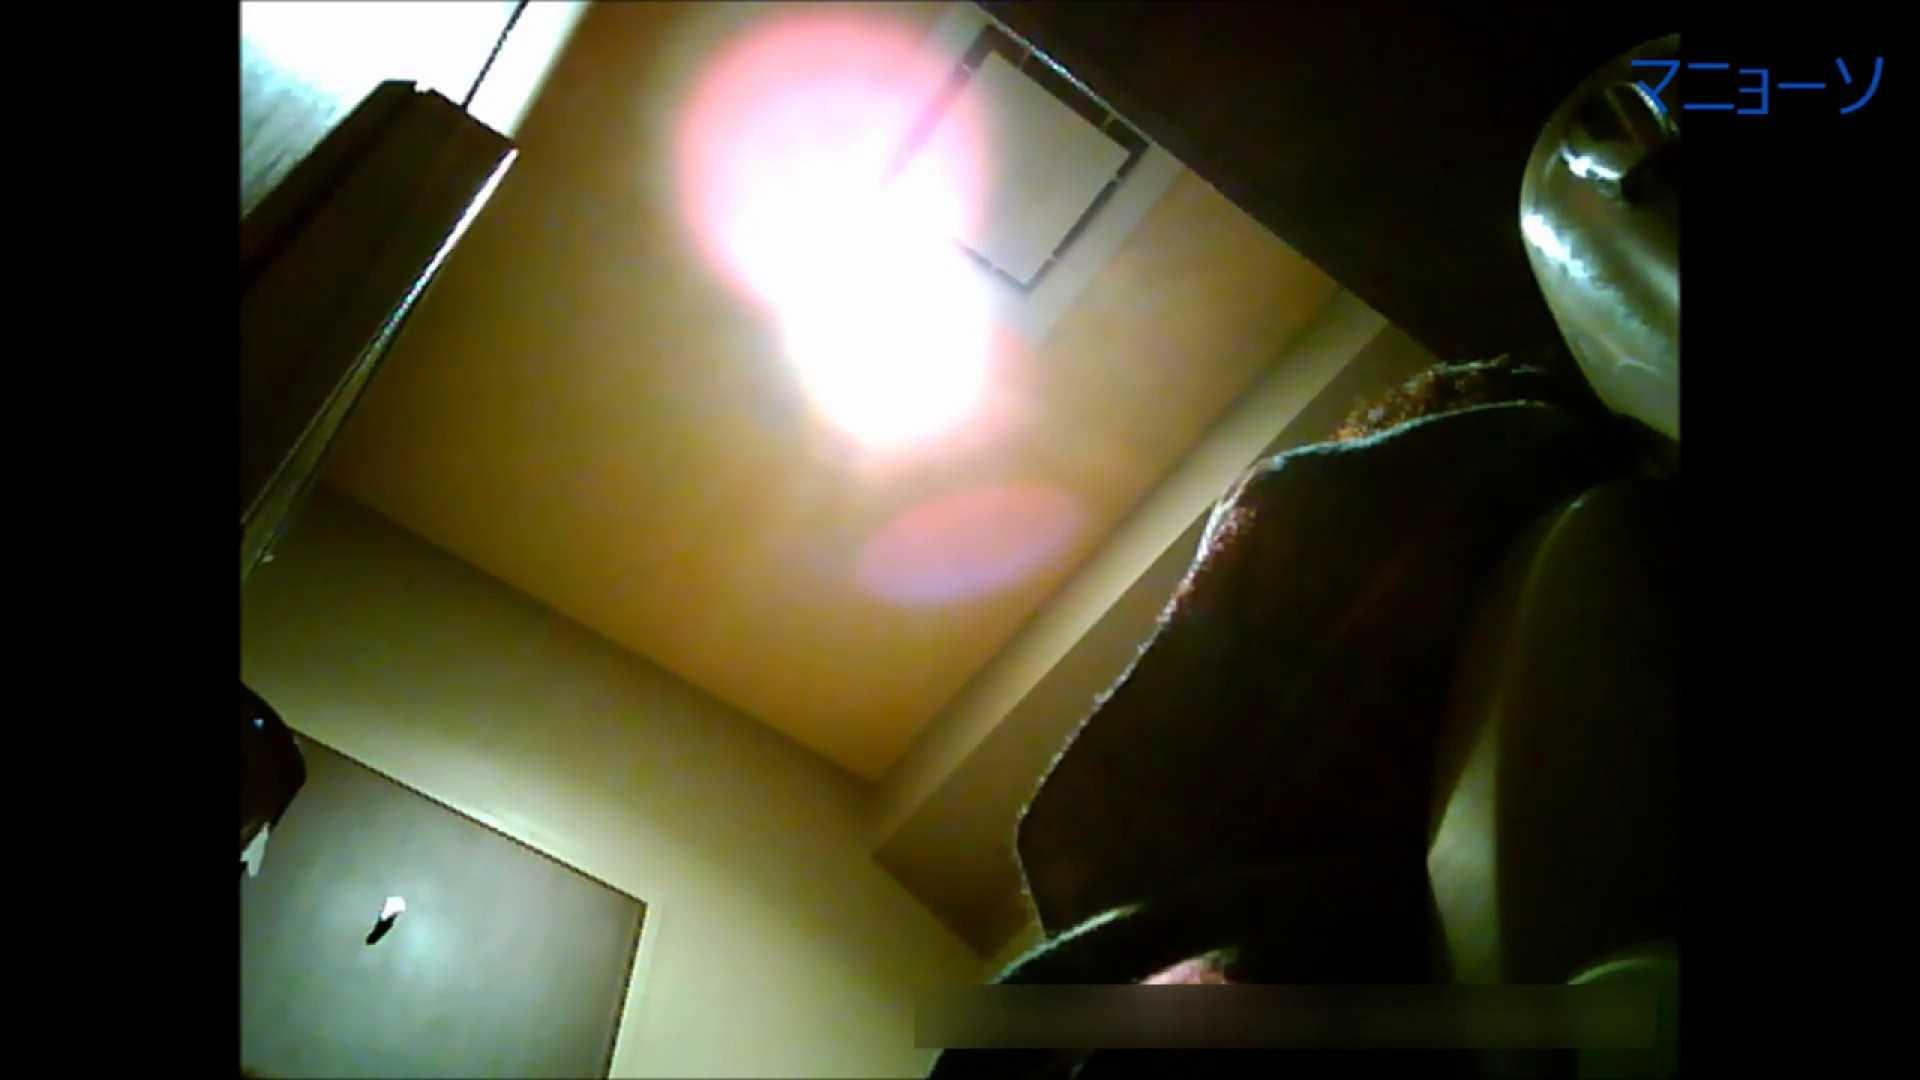 トイレでひと肌脱いでもらいました (JD編)Vol.02 トイレ | OLの実態  80pic 53